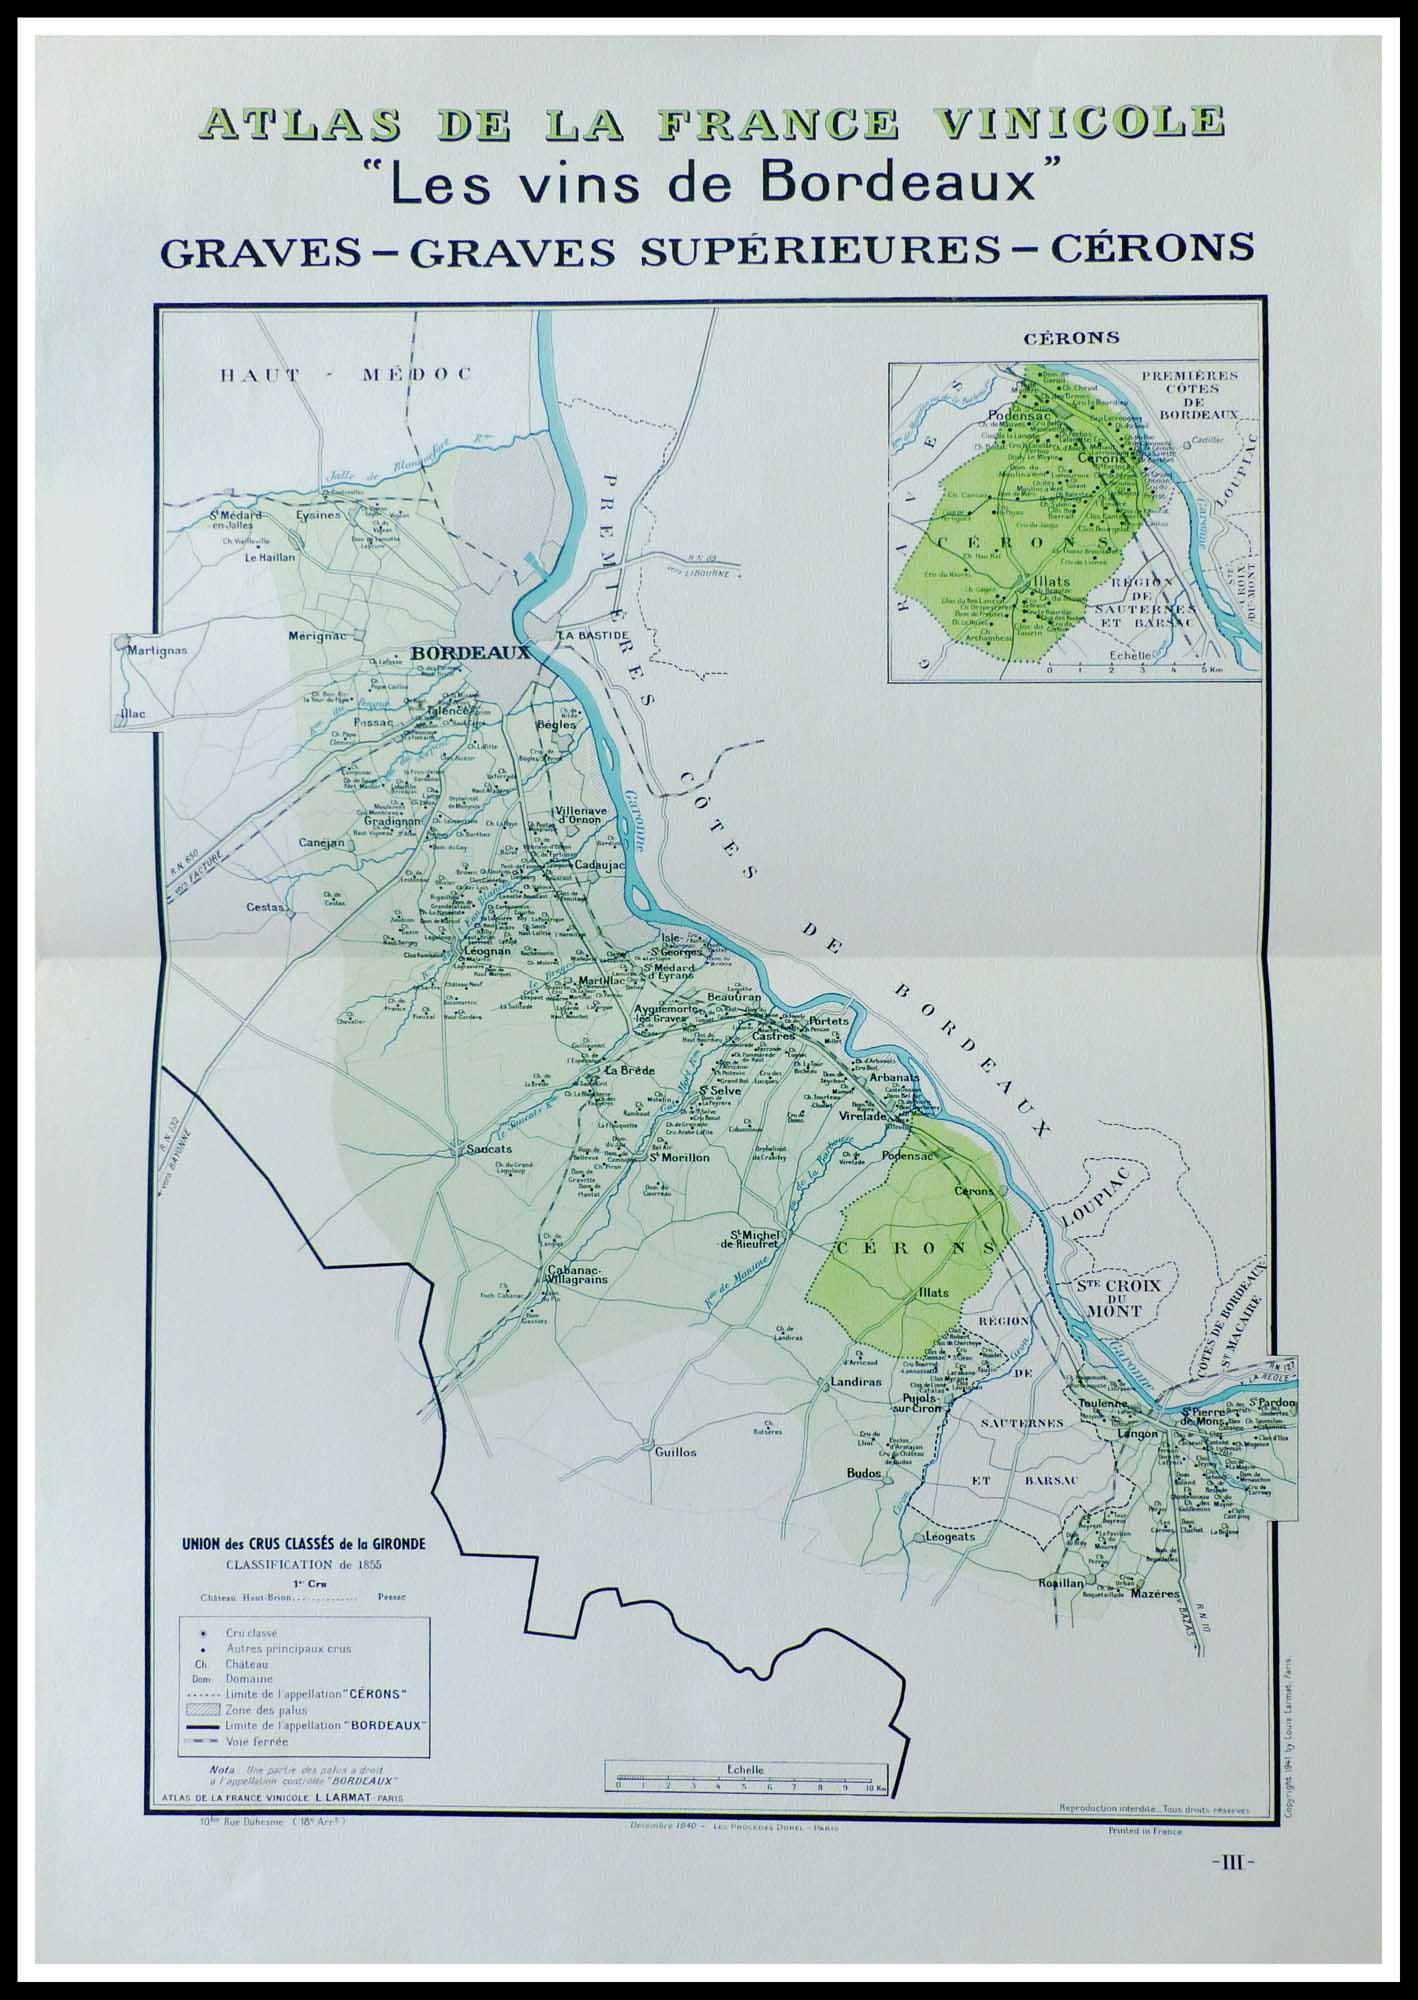 Carte originale des vins - Atlas vinicole de France - Les vins de Bordeaux, Graves, Graves ...